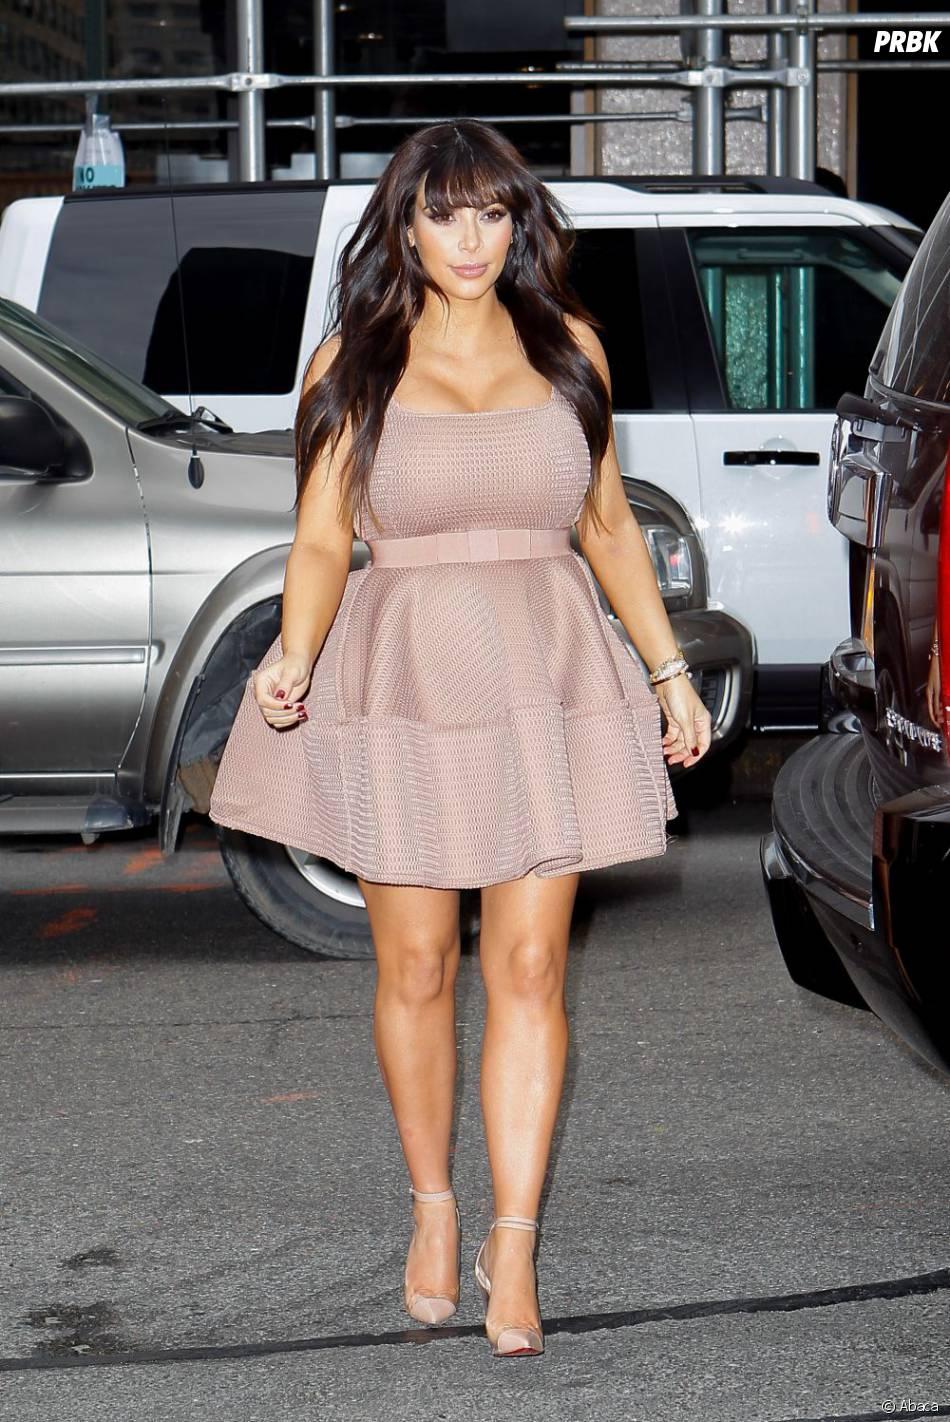 Très Kim Kardashian : avant de poser pour Playboy, elle pose enceinte  ZH51